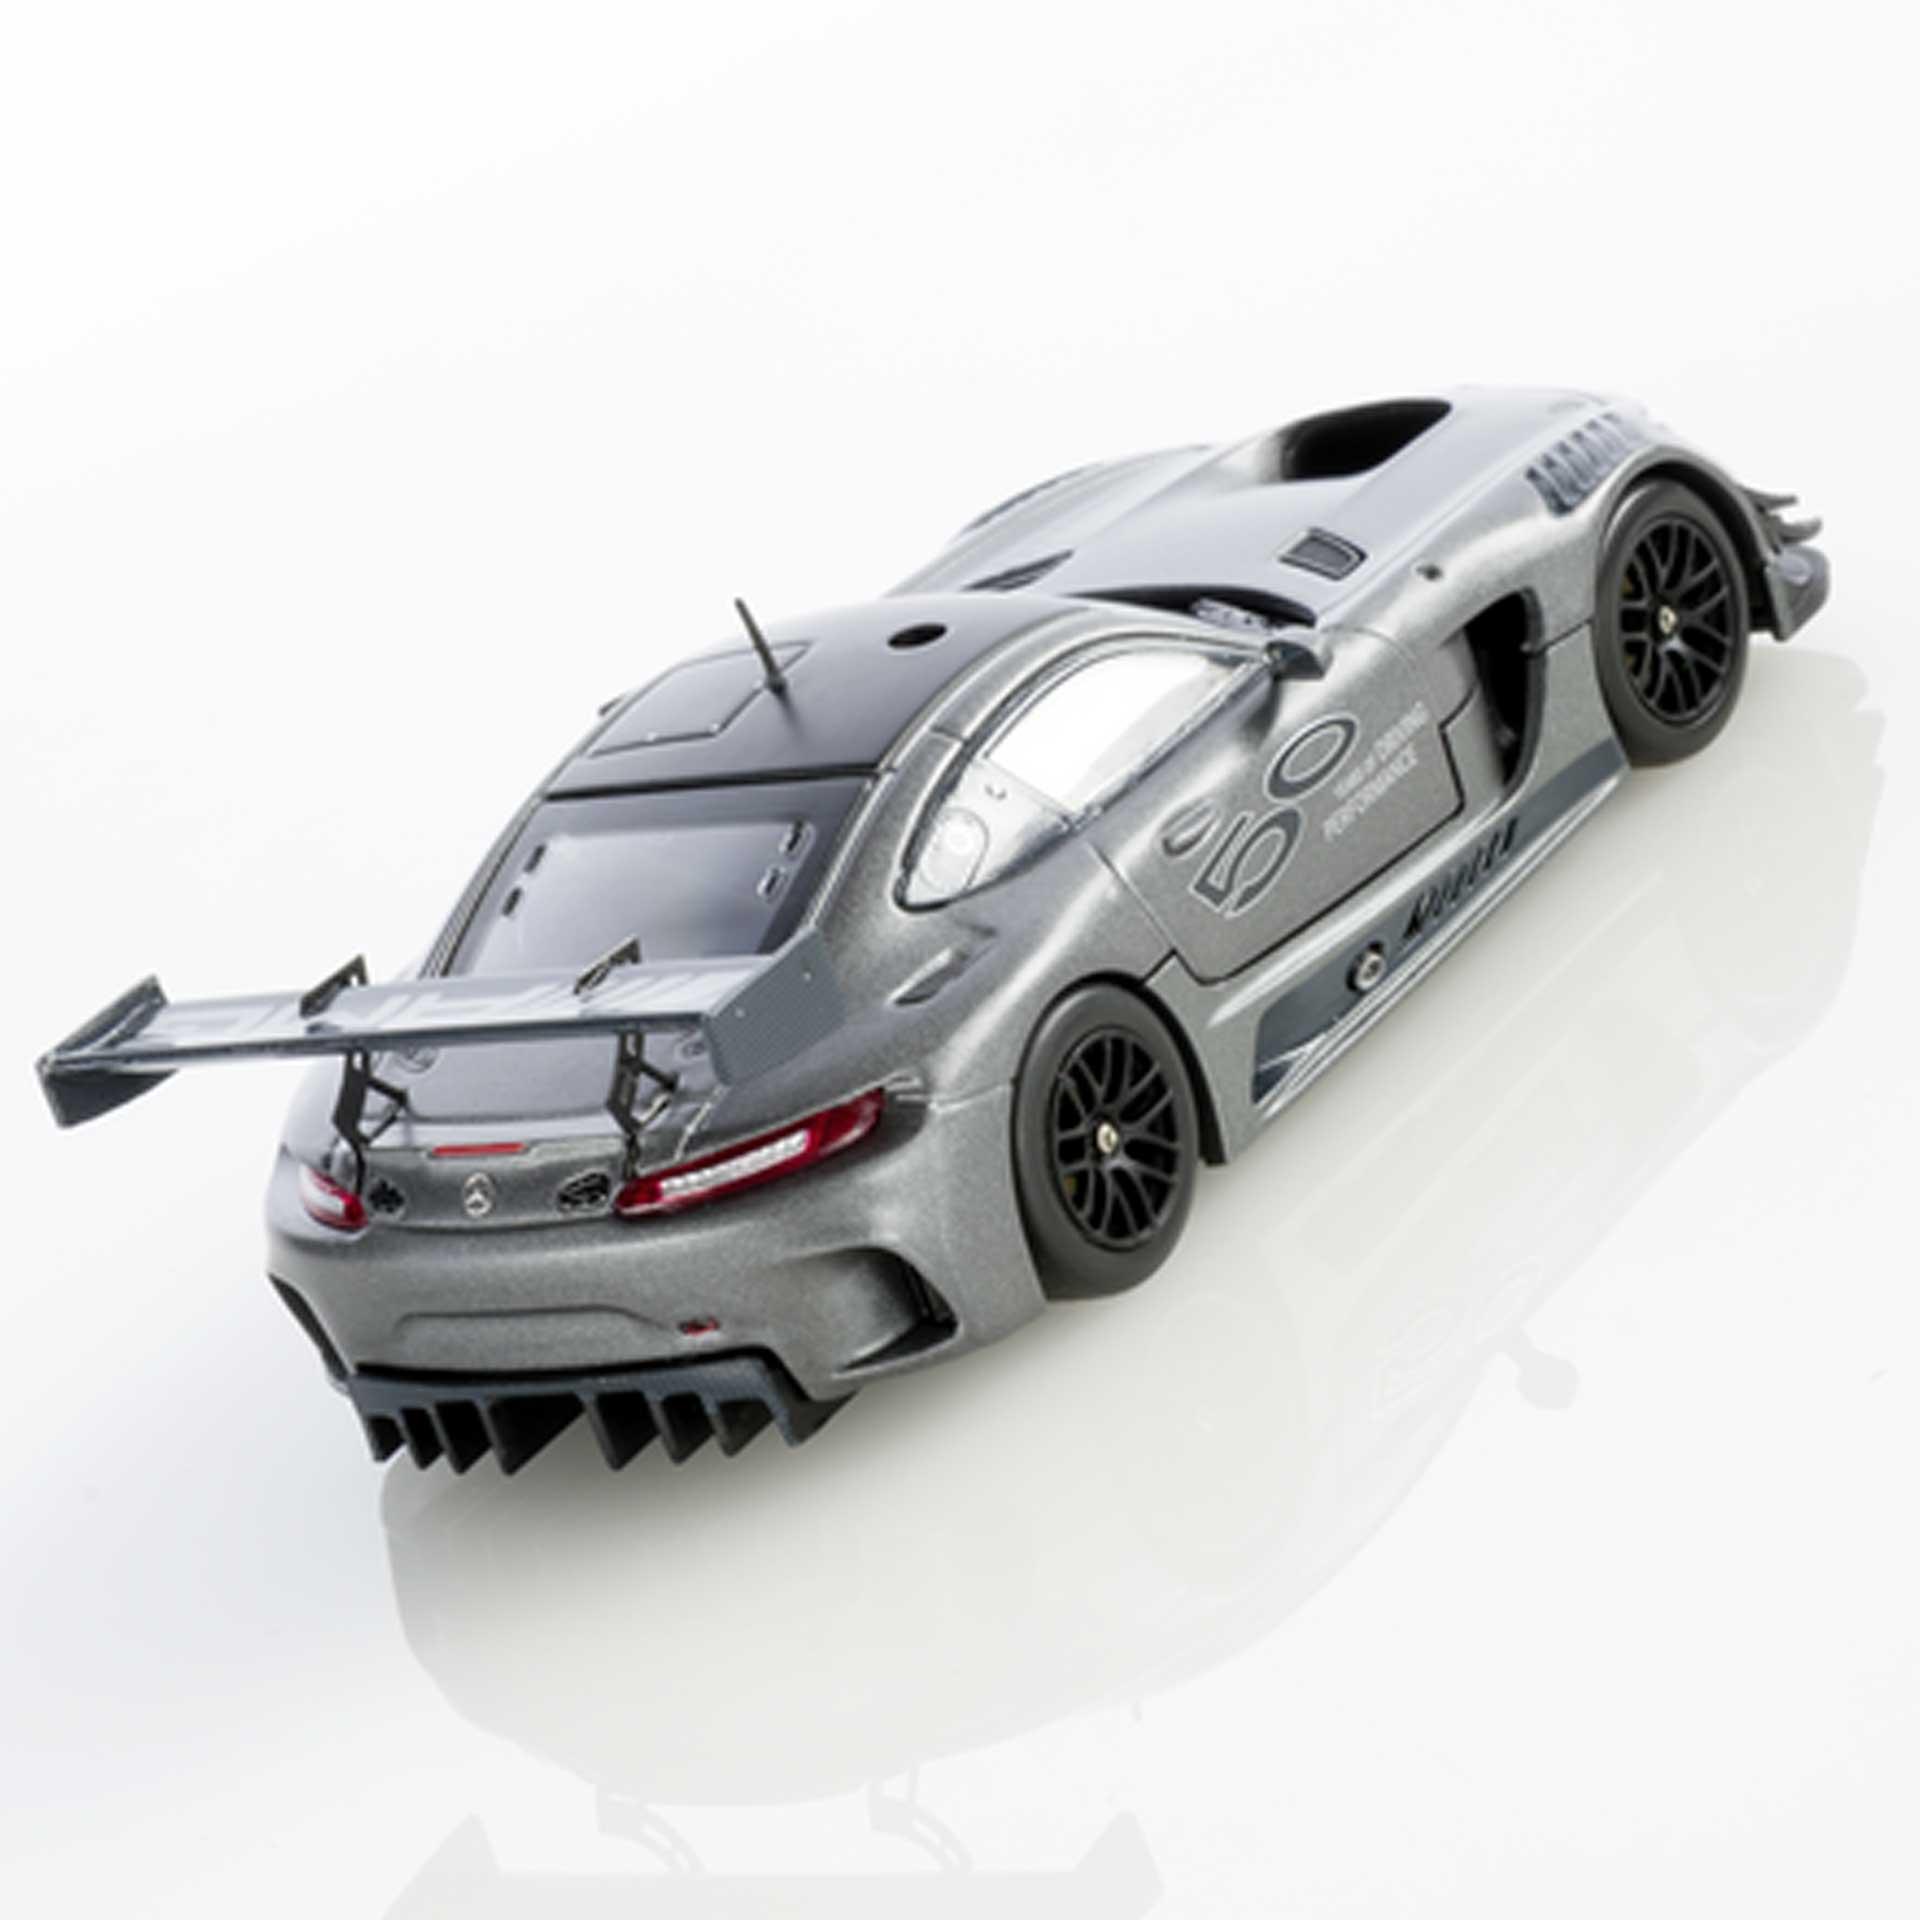 Mercedes-AMG Modellauto GT3 50 Jahre AMG 1:43